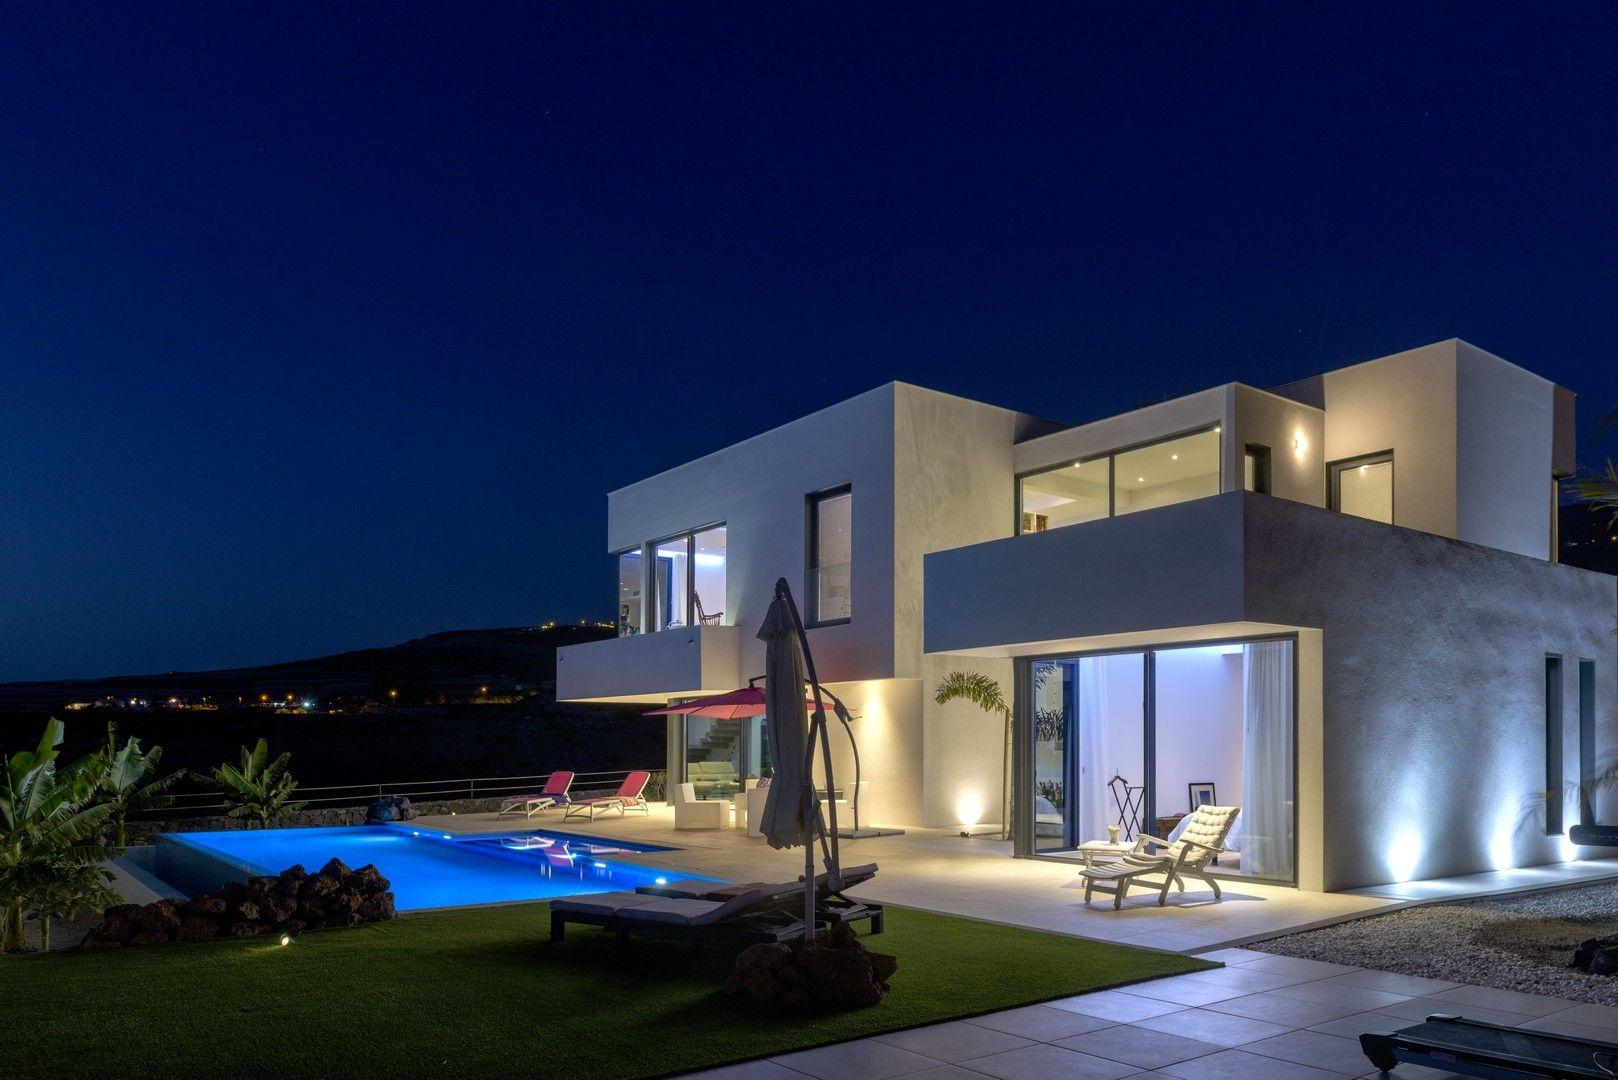 Proyecto casa acero modular prefabricada casa adeje tekdom for Casas ideas y proyectos